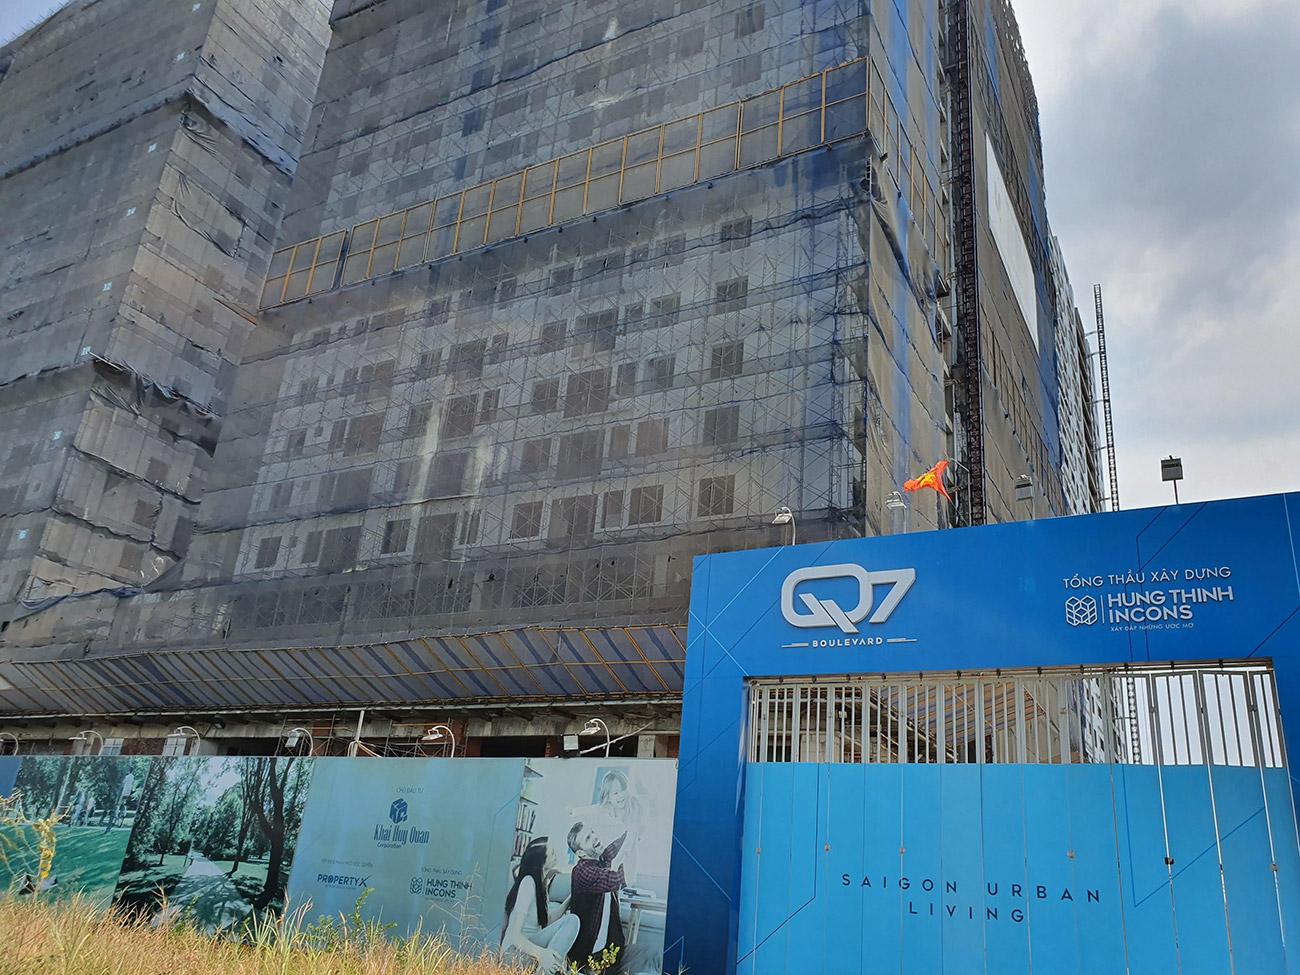 Tiến độ xây dựng dự án căn hộ Q7 Boulevard tháng 04/2020